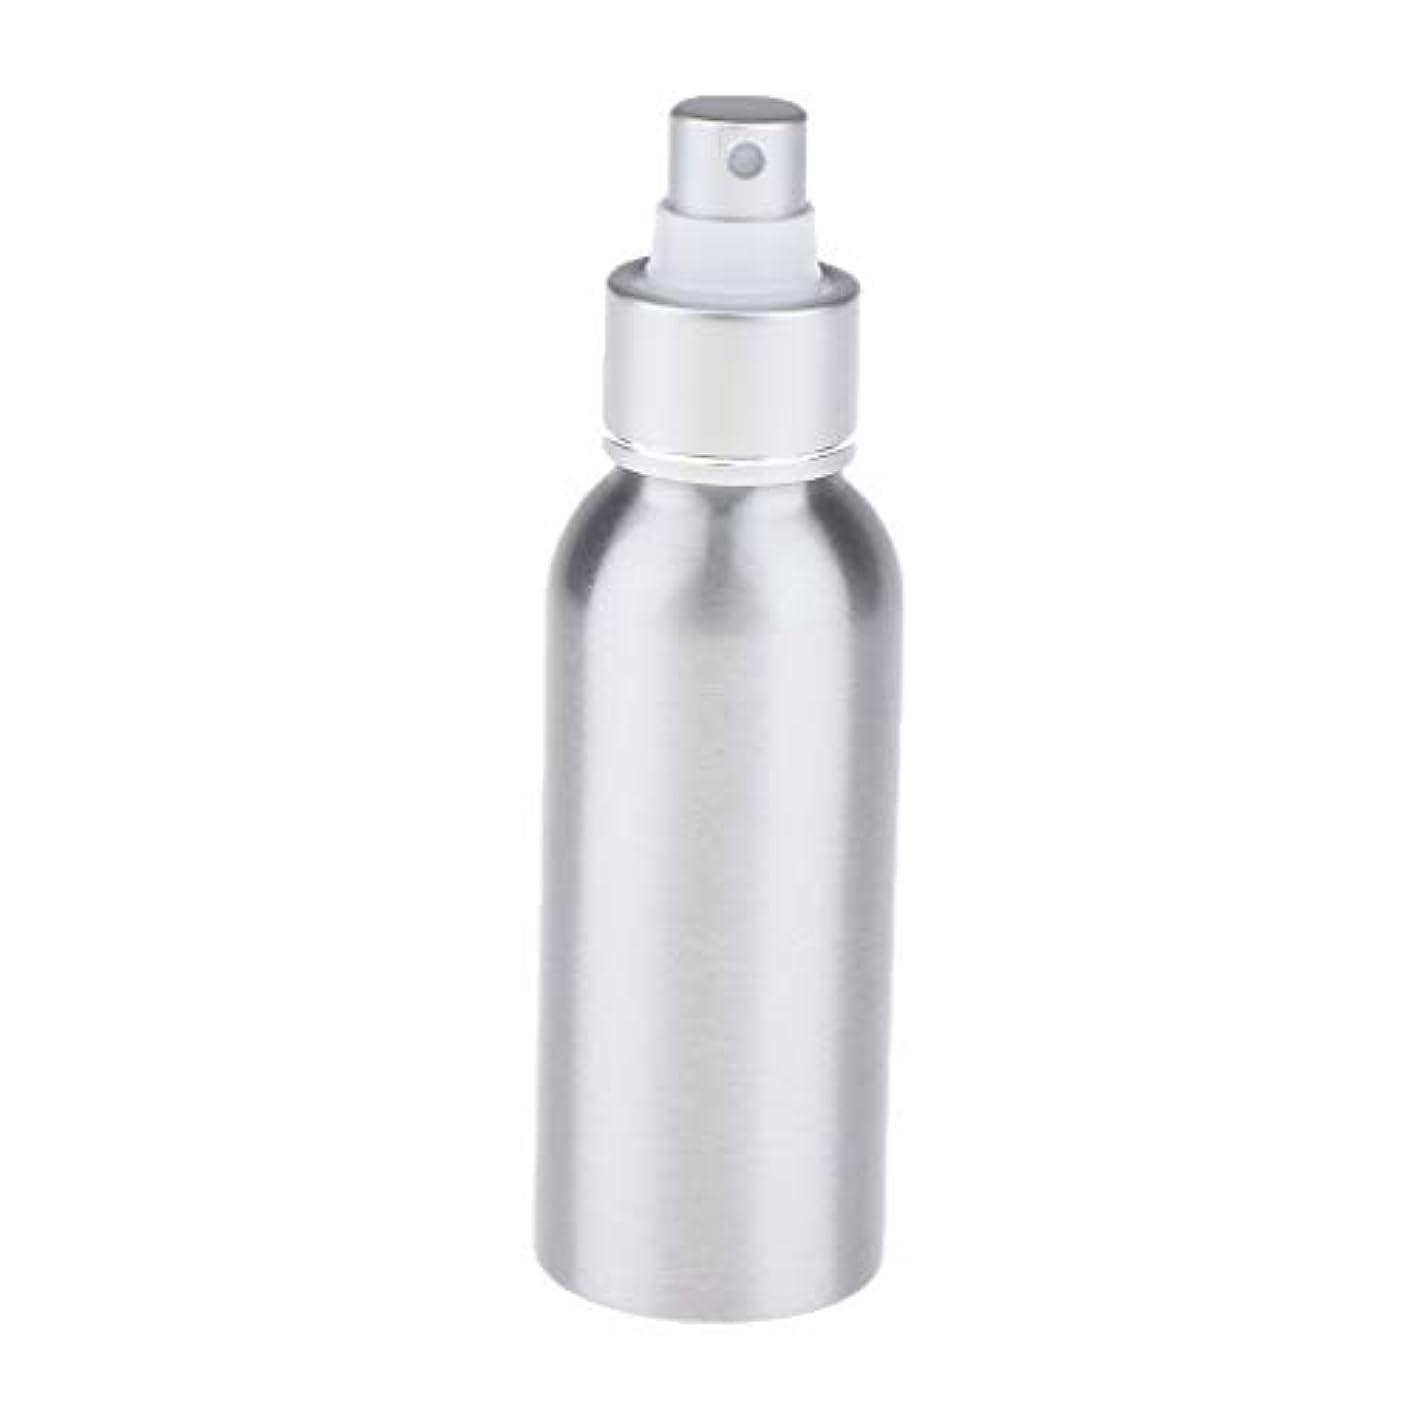 主権者馬力新しさCUTICATE ポンプボトル アトマイザー トラベルボトル スプレー 漏れ防止 遮光 霧吹き 旅行用 5サイズ選べ - 100ミリリットル